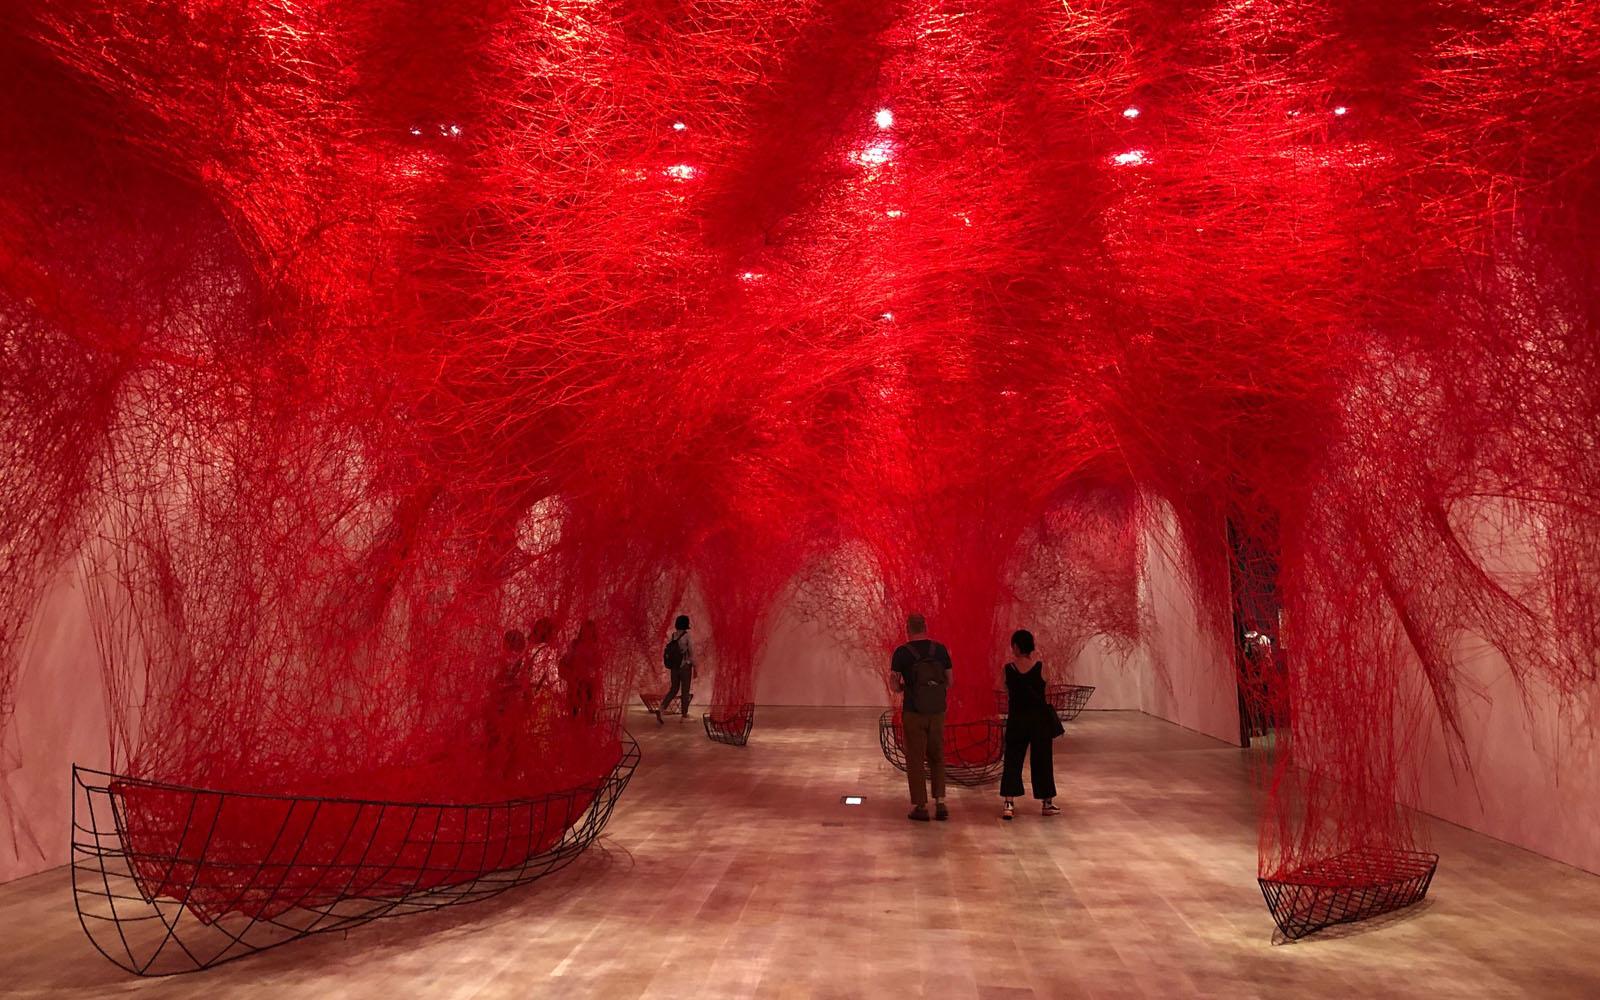 La mostra 'The soul trembles' dell'artista Shiota Chiharu al Museo d'Arte Mori di Tokyo.